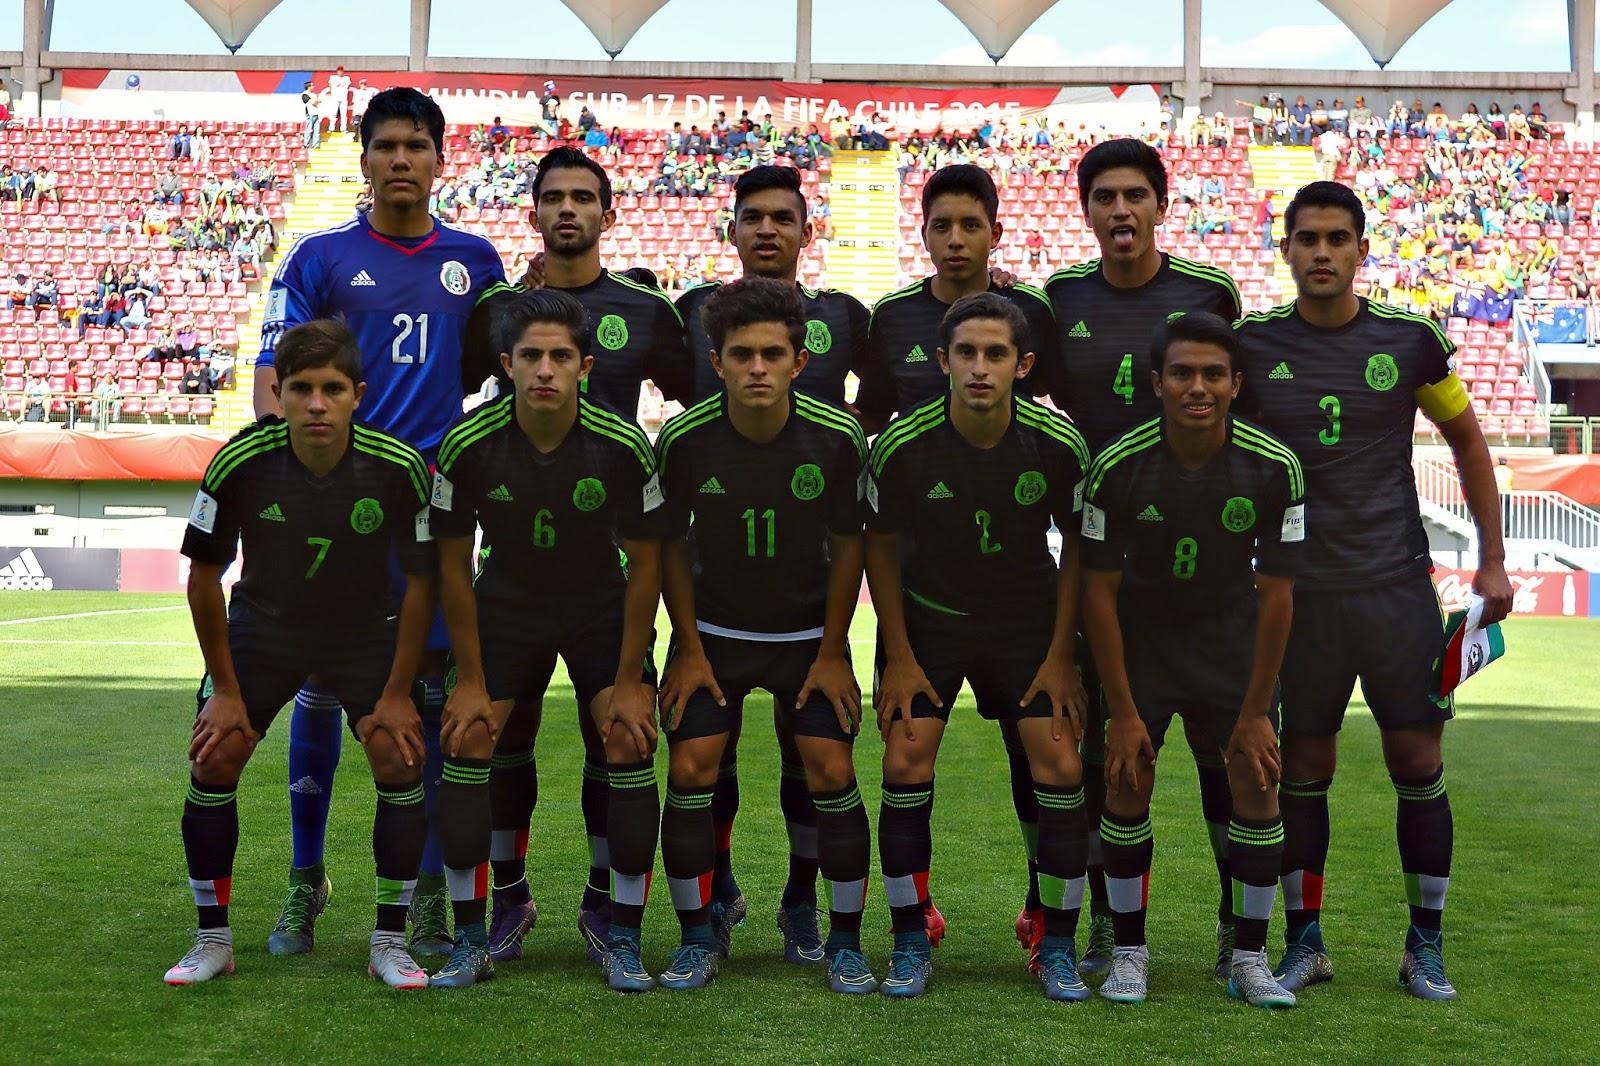 México le gana a Chile 4-1 (mundial sub 17)